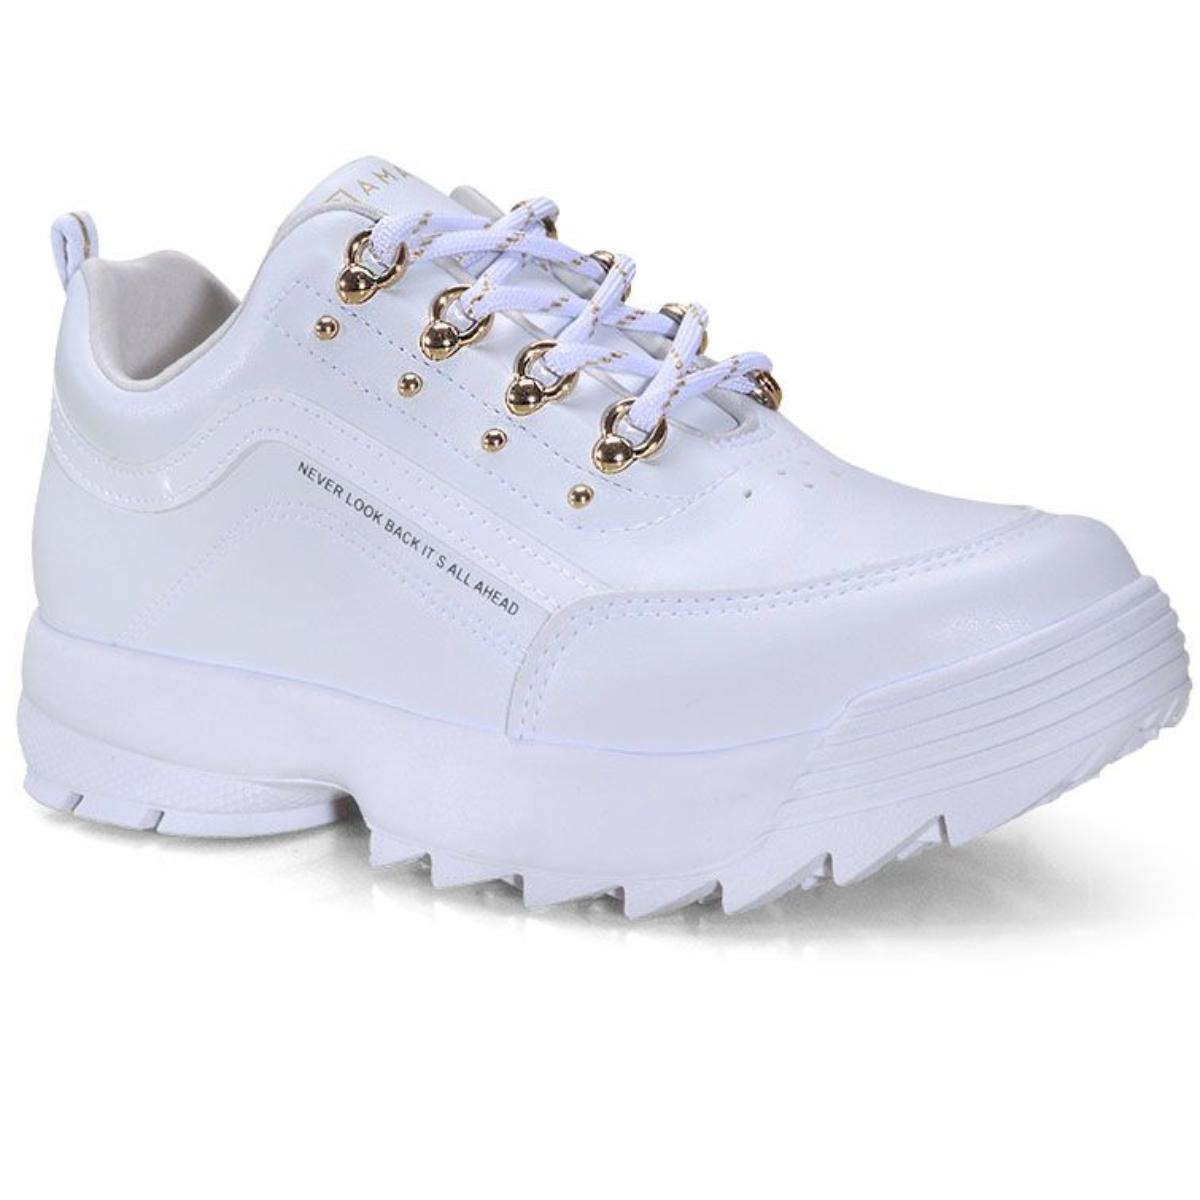 Tênis Feminino Ramarim 21-75101 Branco/ouro